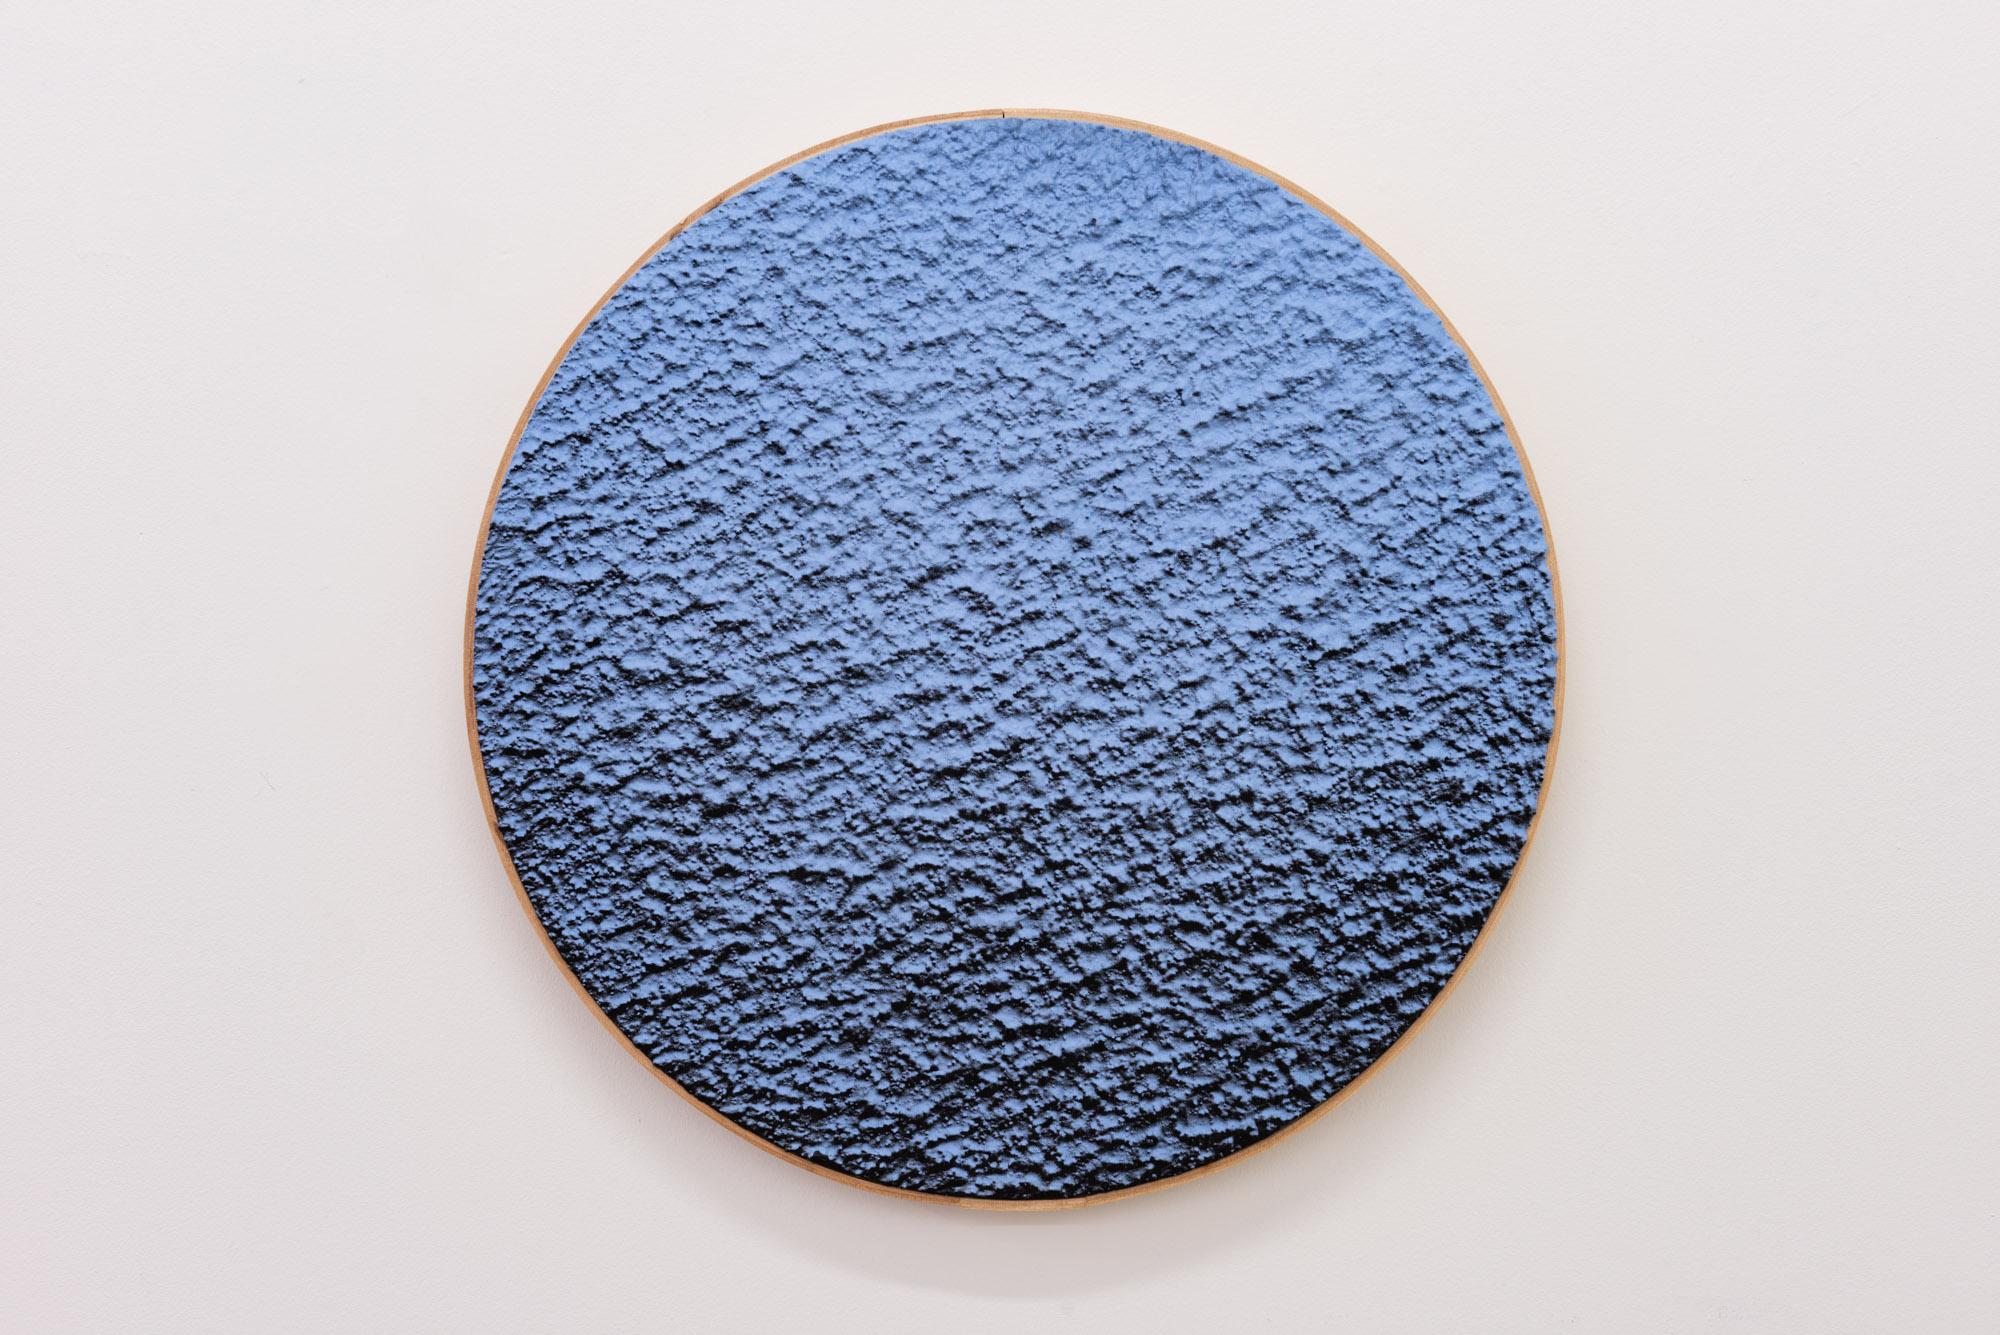 """Pierre Julien,  In the Deepest Oceans  - B004, 2018, stucco, peinture acrylique et peinture aérosol sur panneau de bois, 16"""" diamètre (41 cm)"""